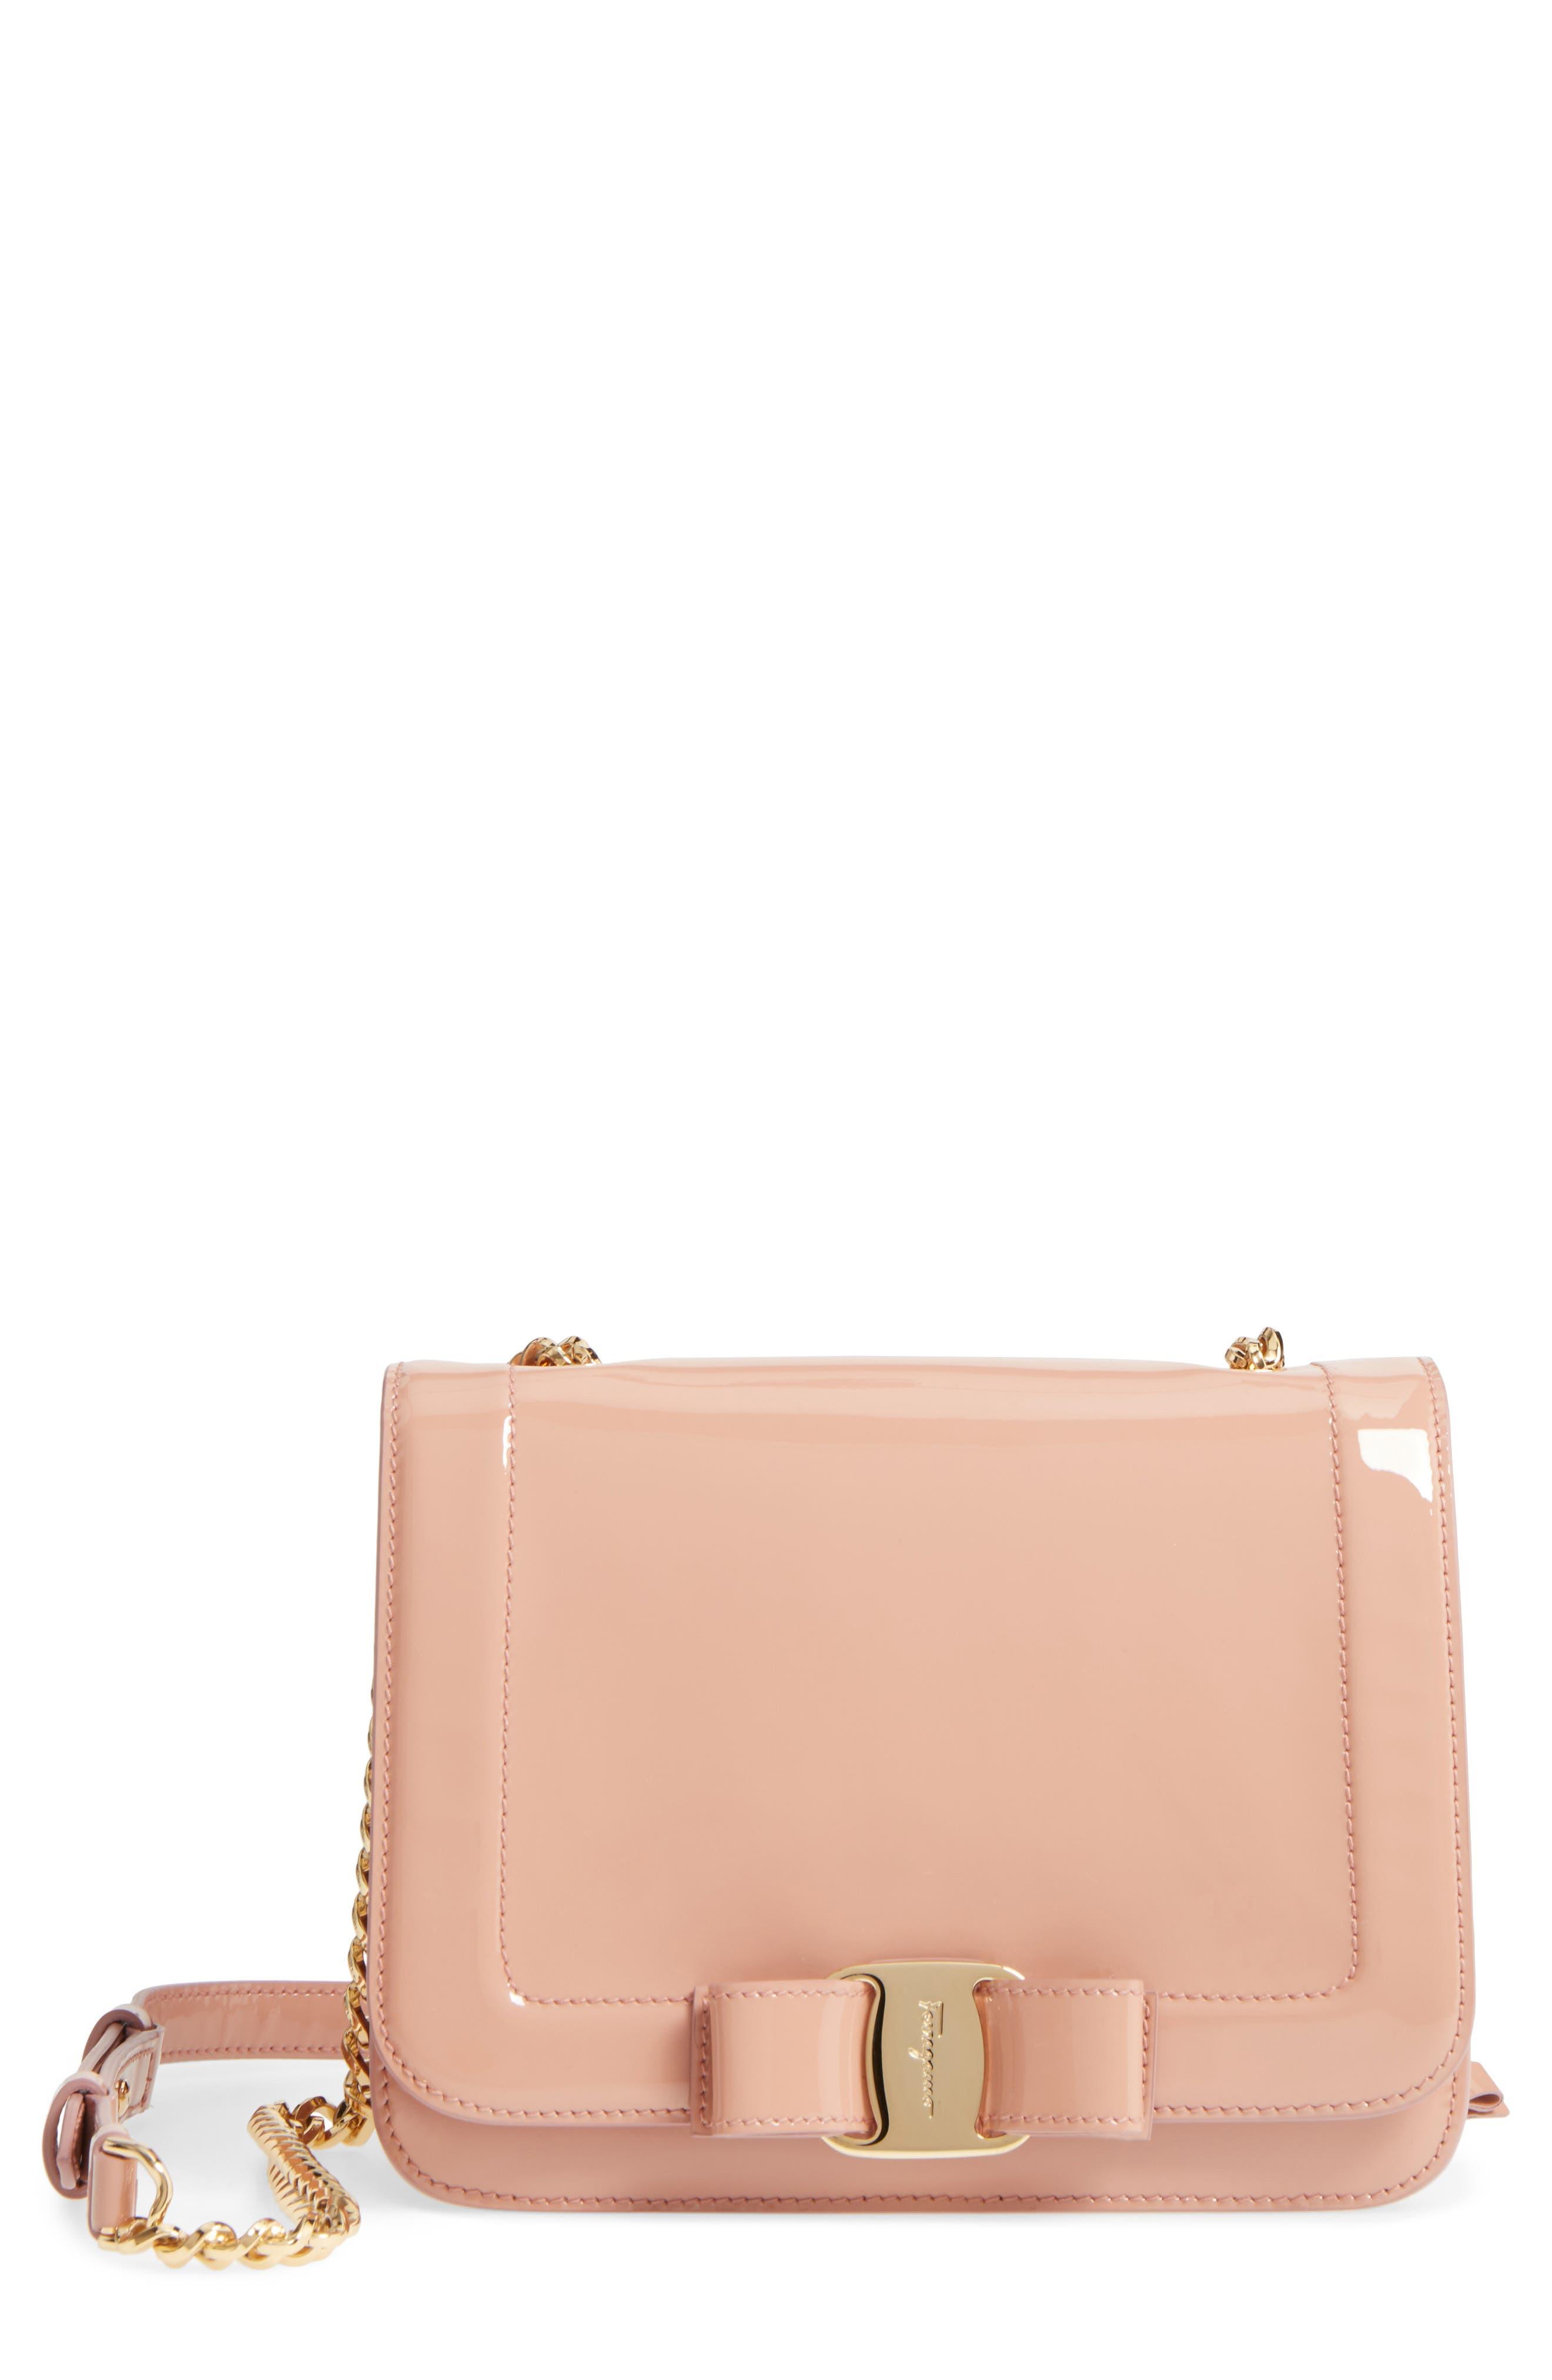 Salvatore Ferragamo Vara Patent Leather Shoulder Bag